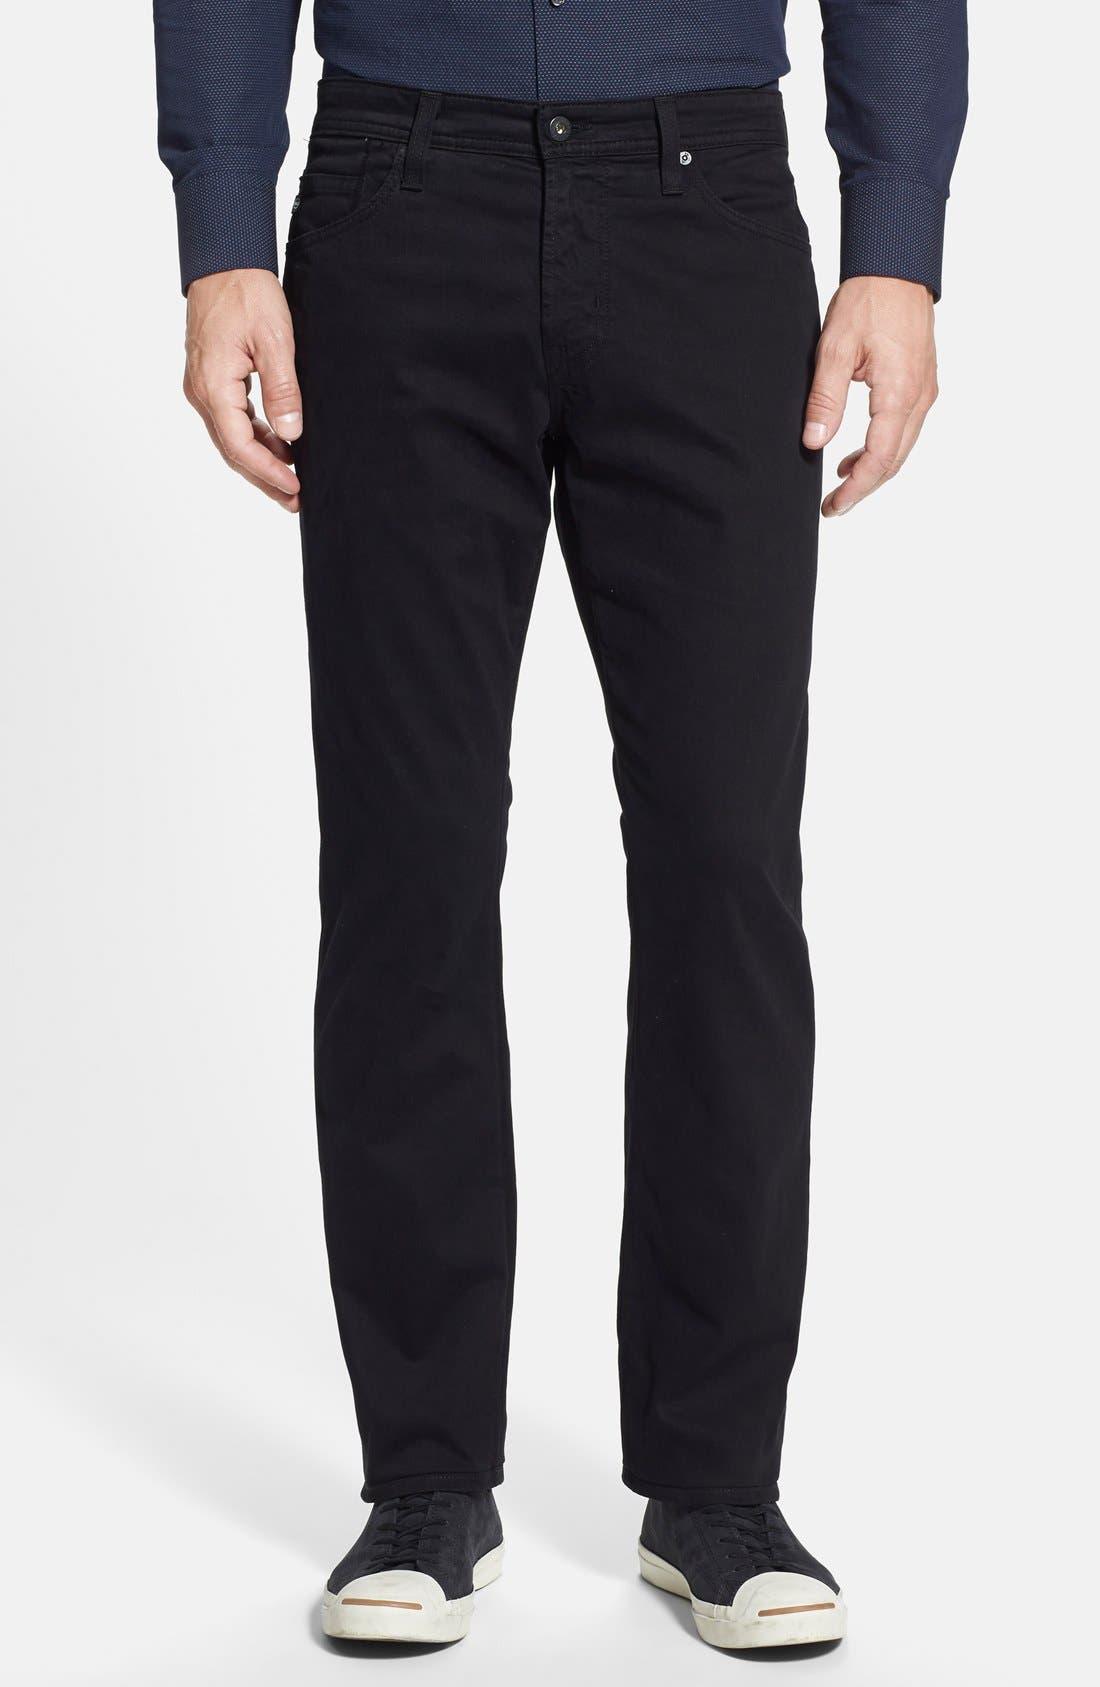 Graduate SUD Slim Straight Leg Pants,                         Main,                         color, 010